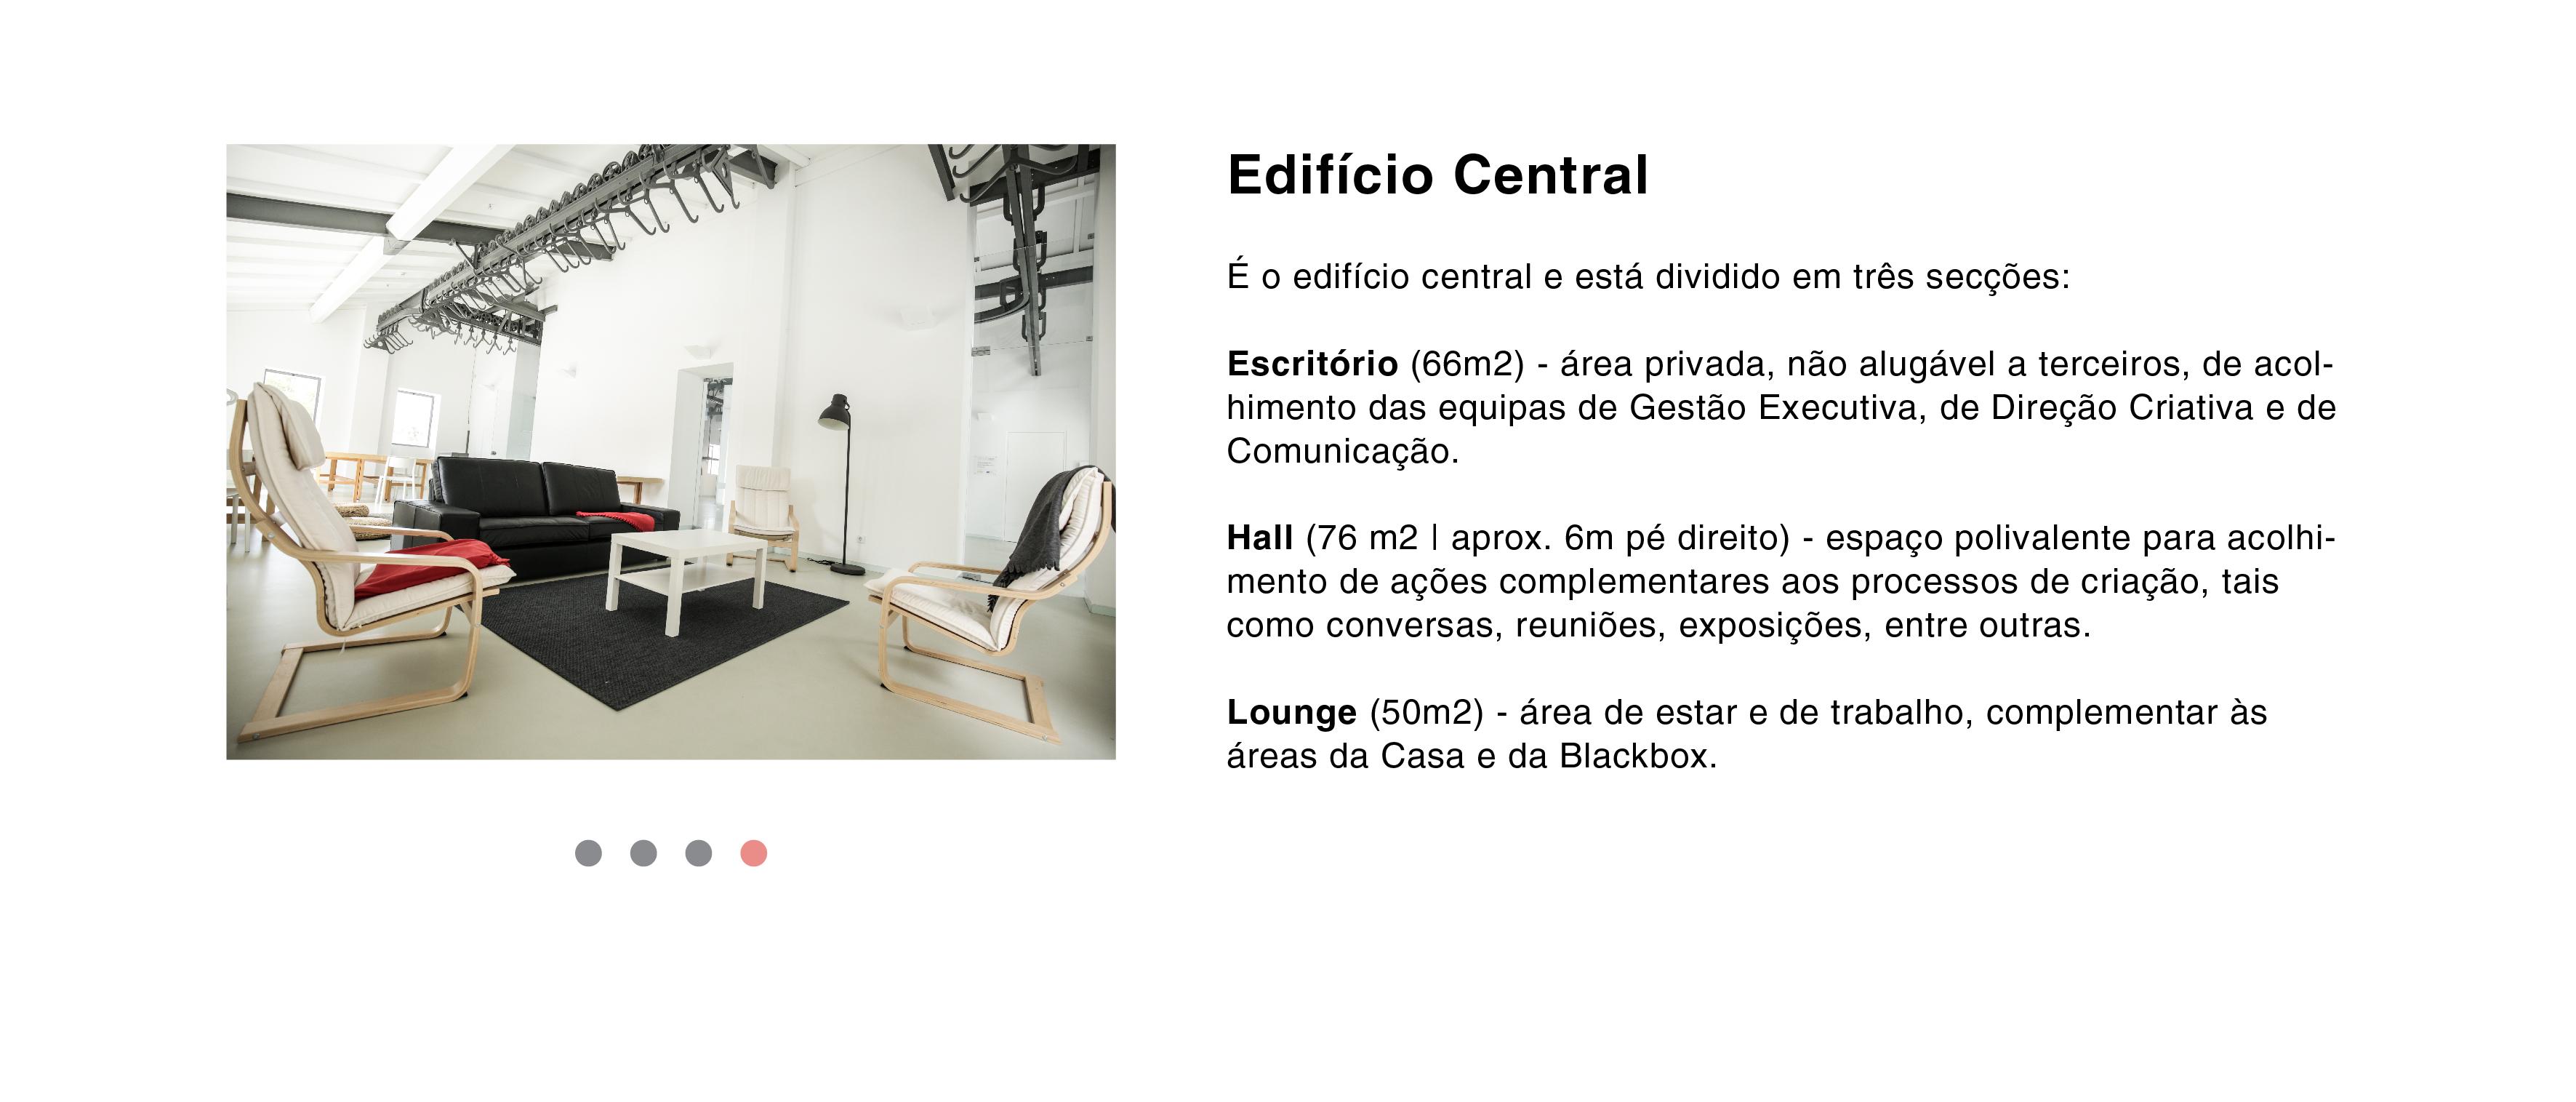 Edif. Central 4-02